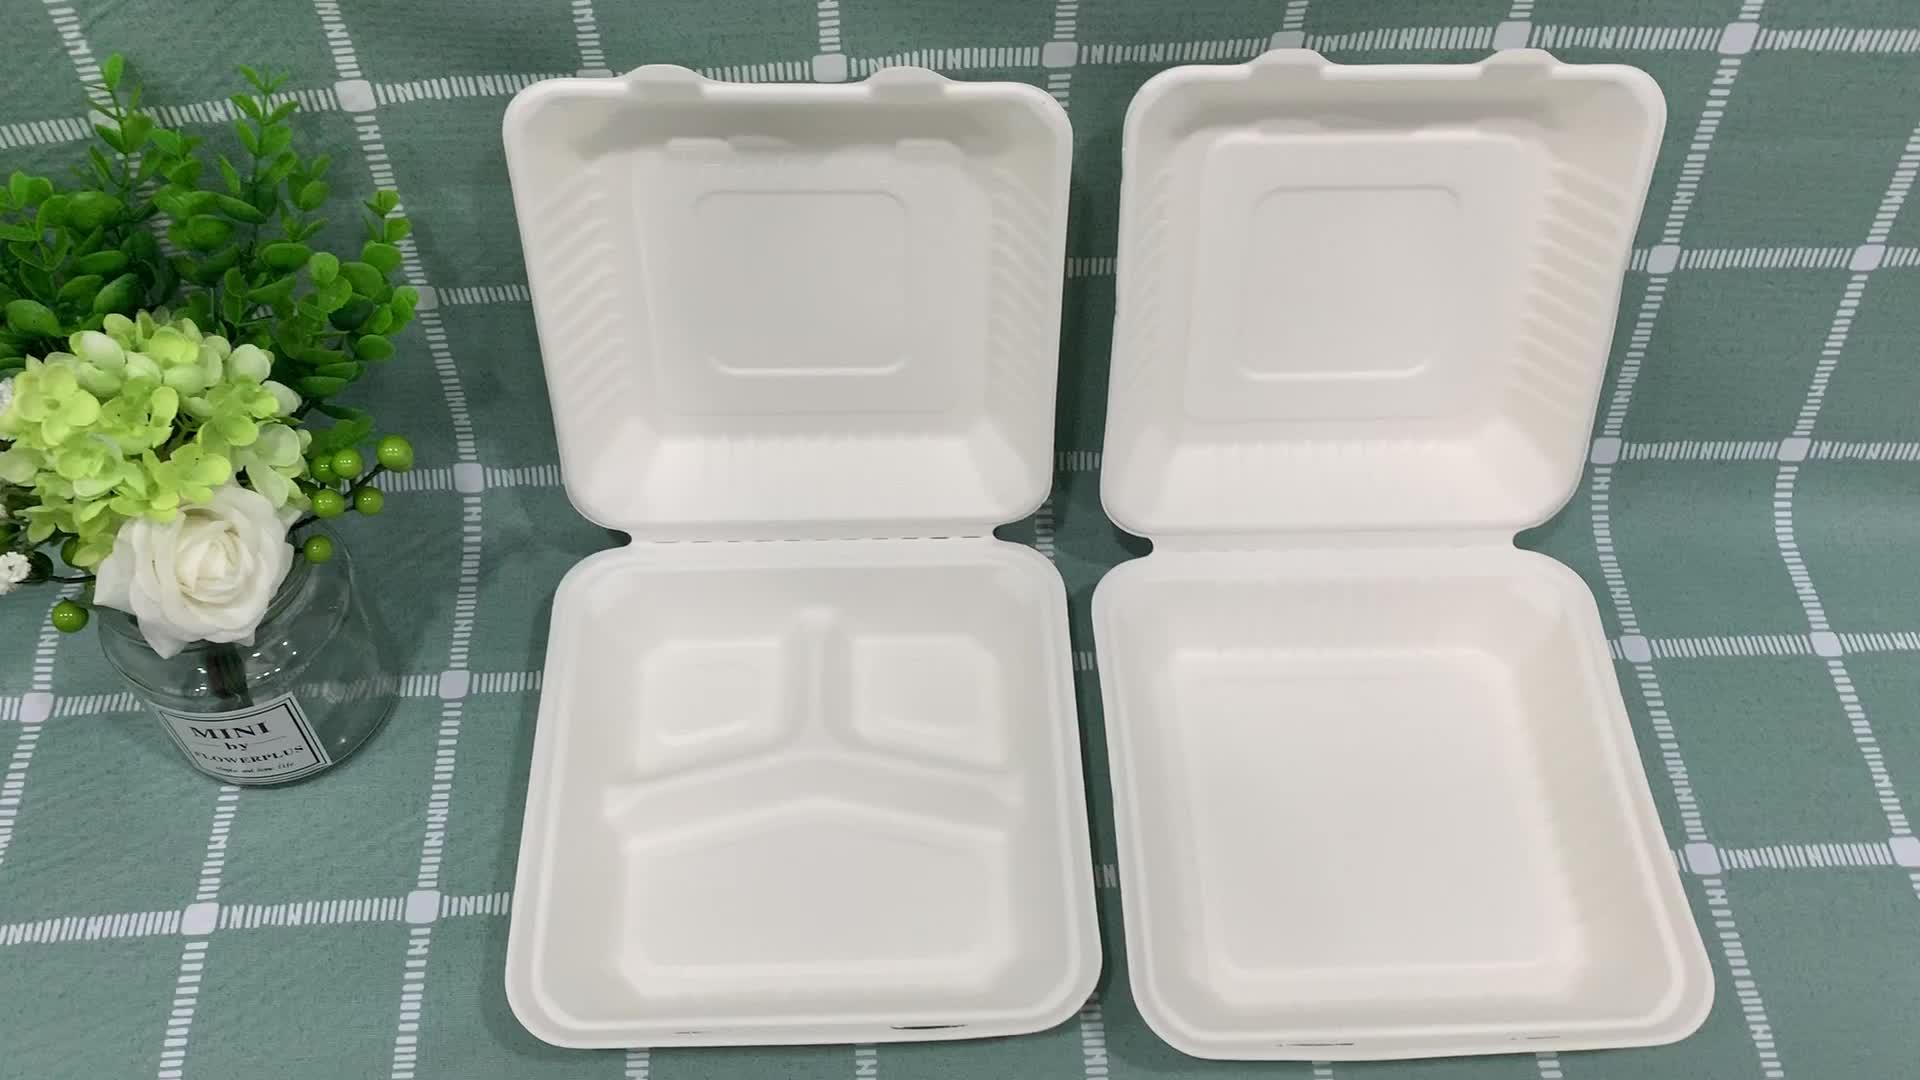 사탕수수 성형 펄프 단일 사용 사용 꺼내 식품 상자 성형 펄프 클램 쉘 상자